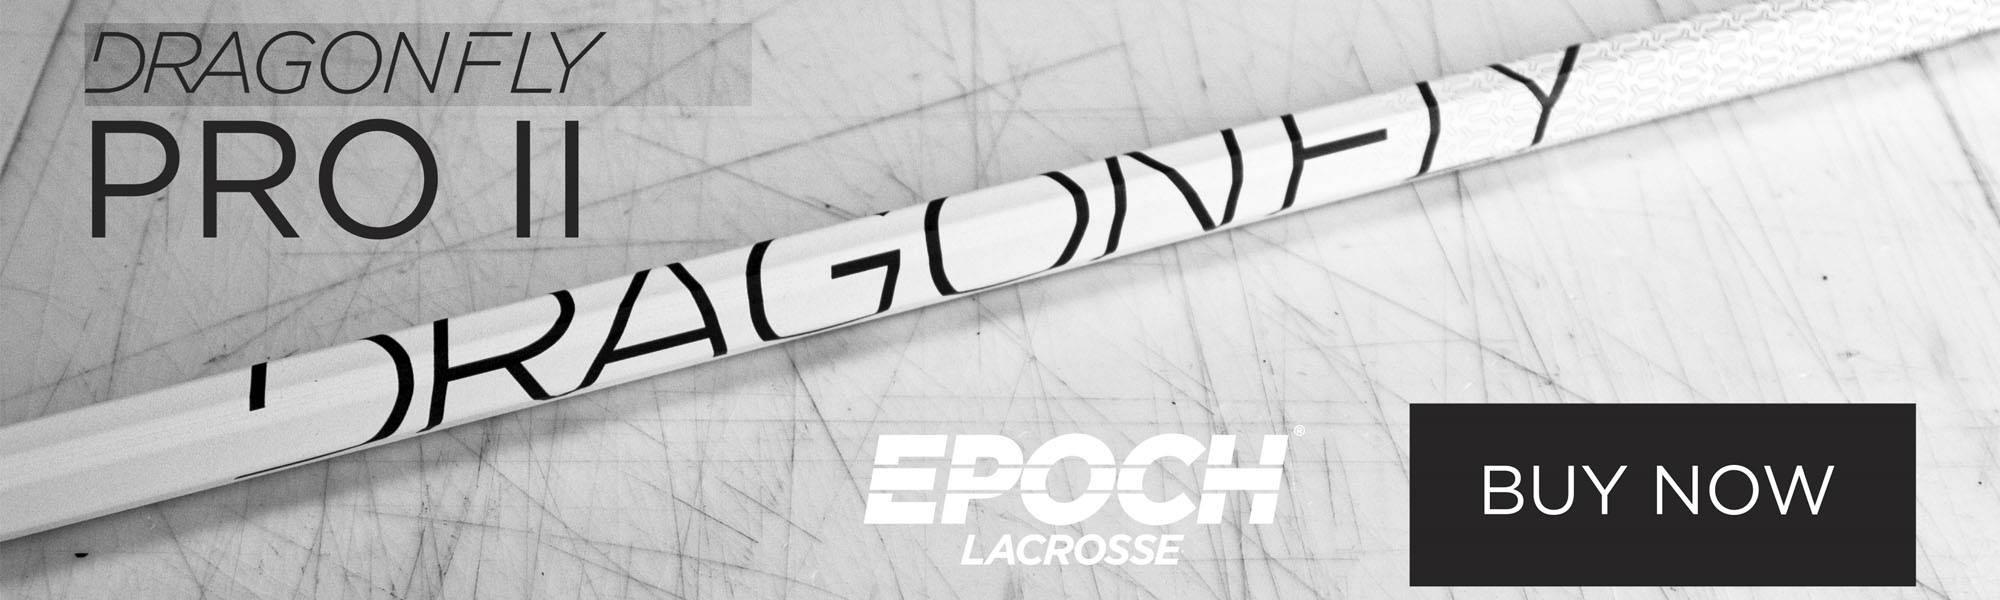 EPOCH LACROSSE DRAGONFLY PRO II | TOP STRING LACROSSE